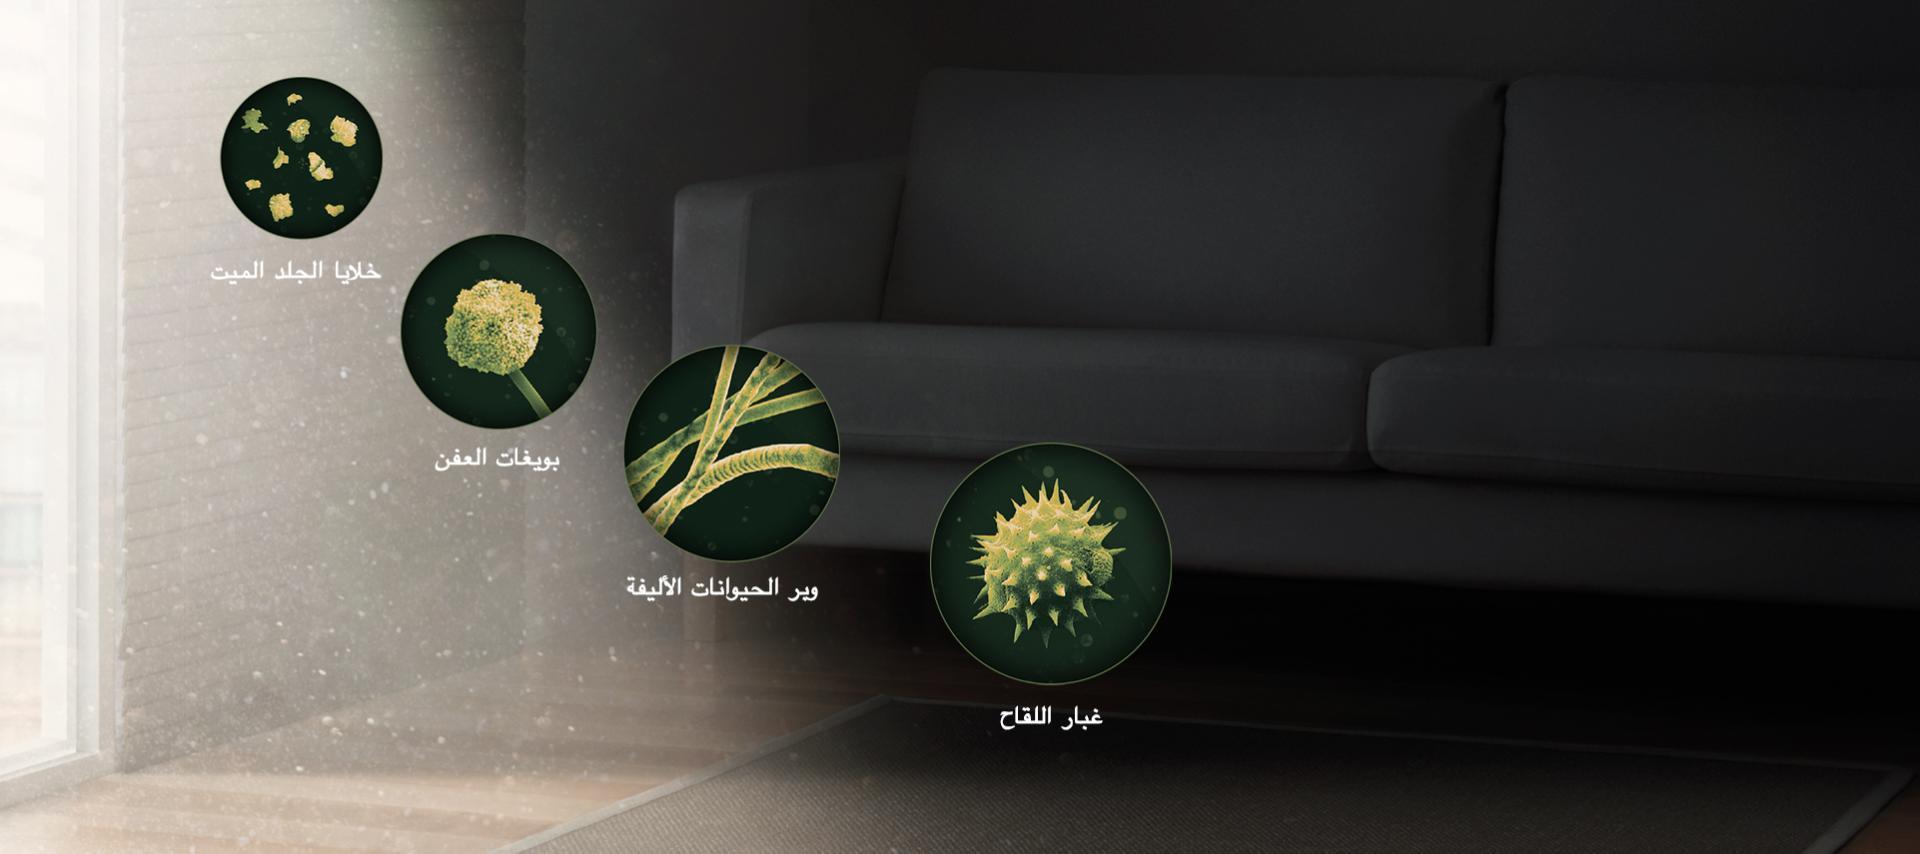 صور للبكتيريا/الملوثات والمواد المسببة للحساسية المختلفة المنتشرة في أرجاء المنزل